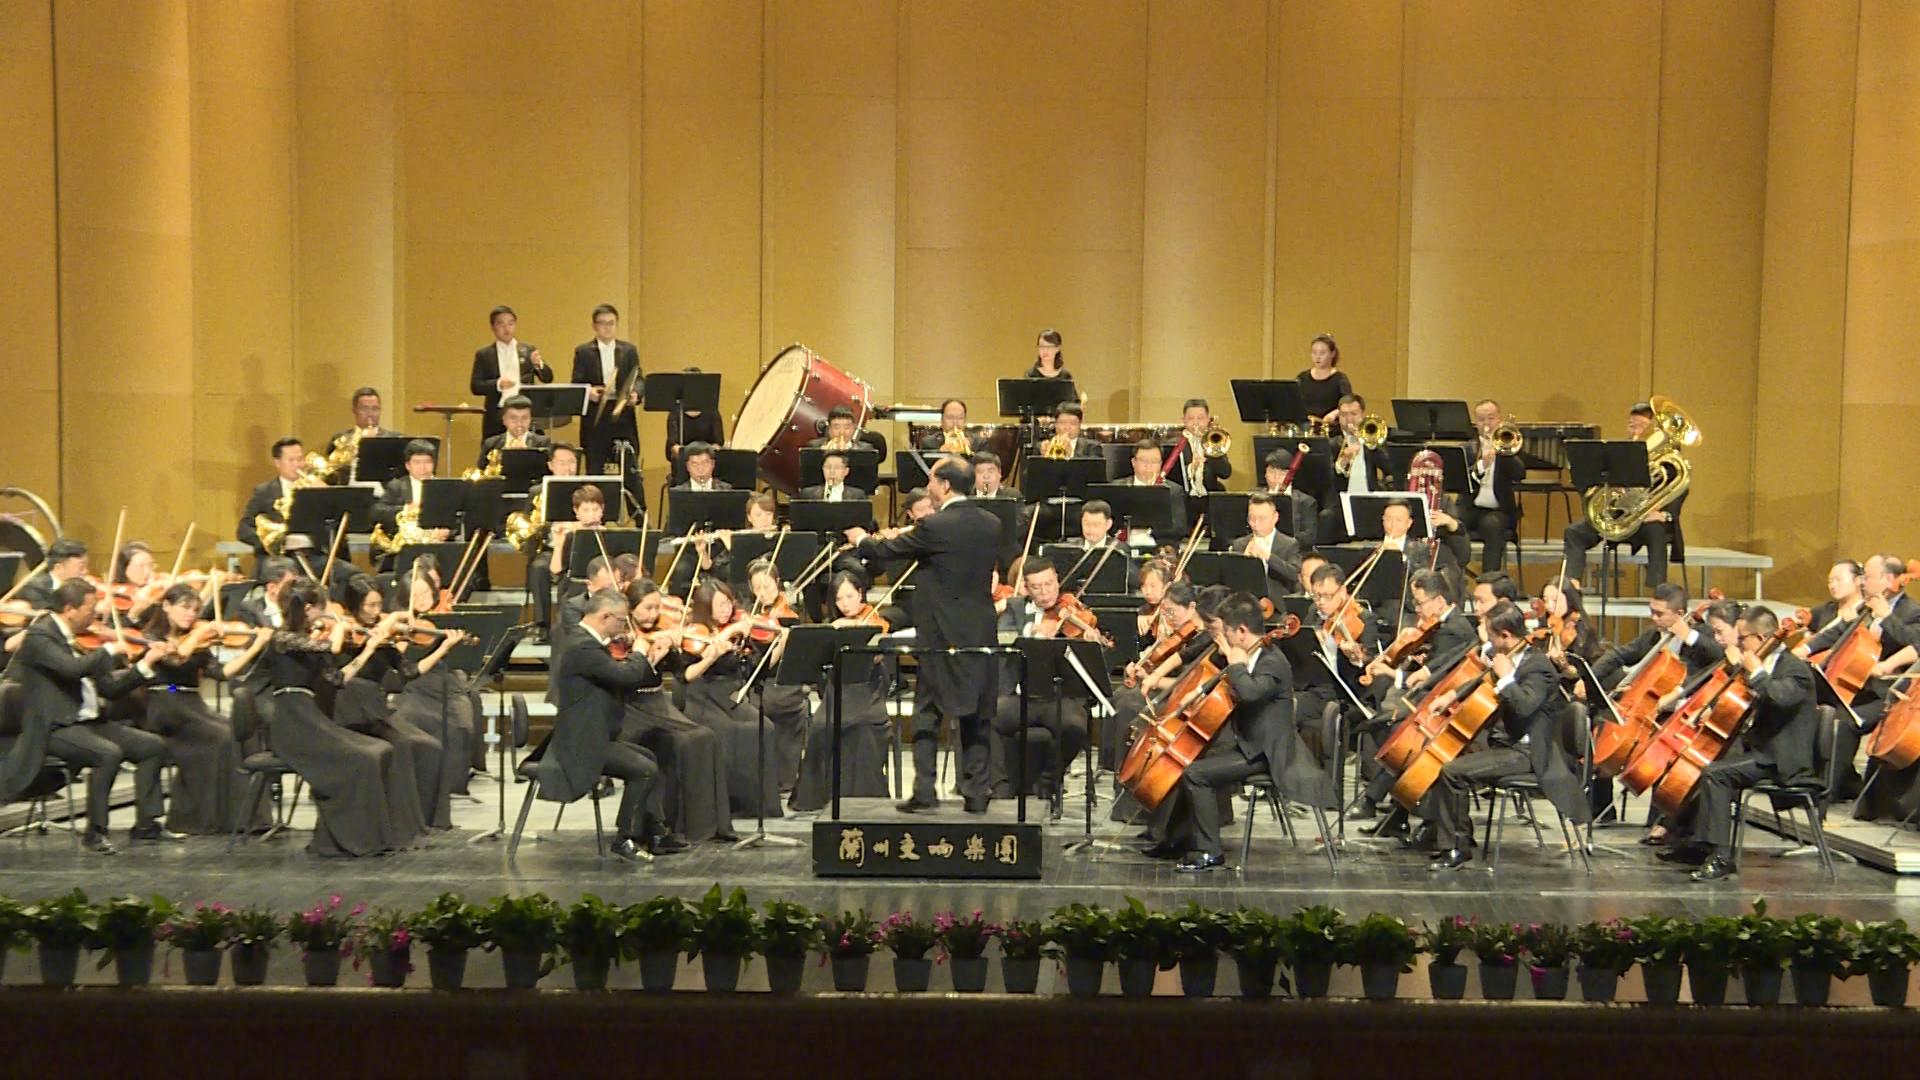 由张国勇执棒兰州交响乐团演奏的《第十交响曲》